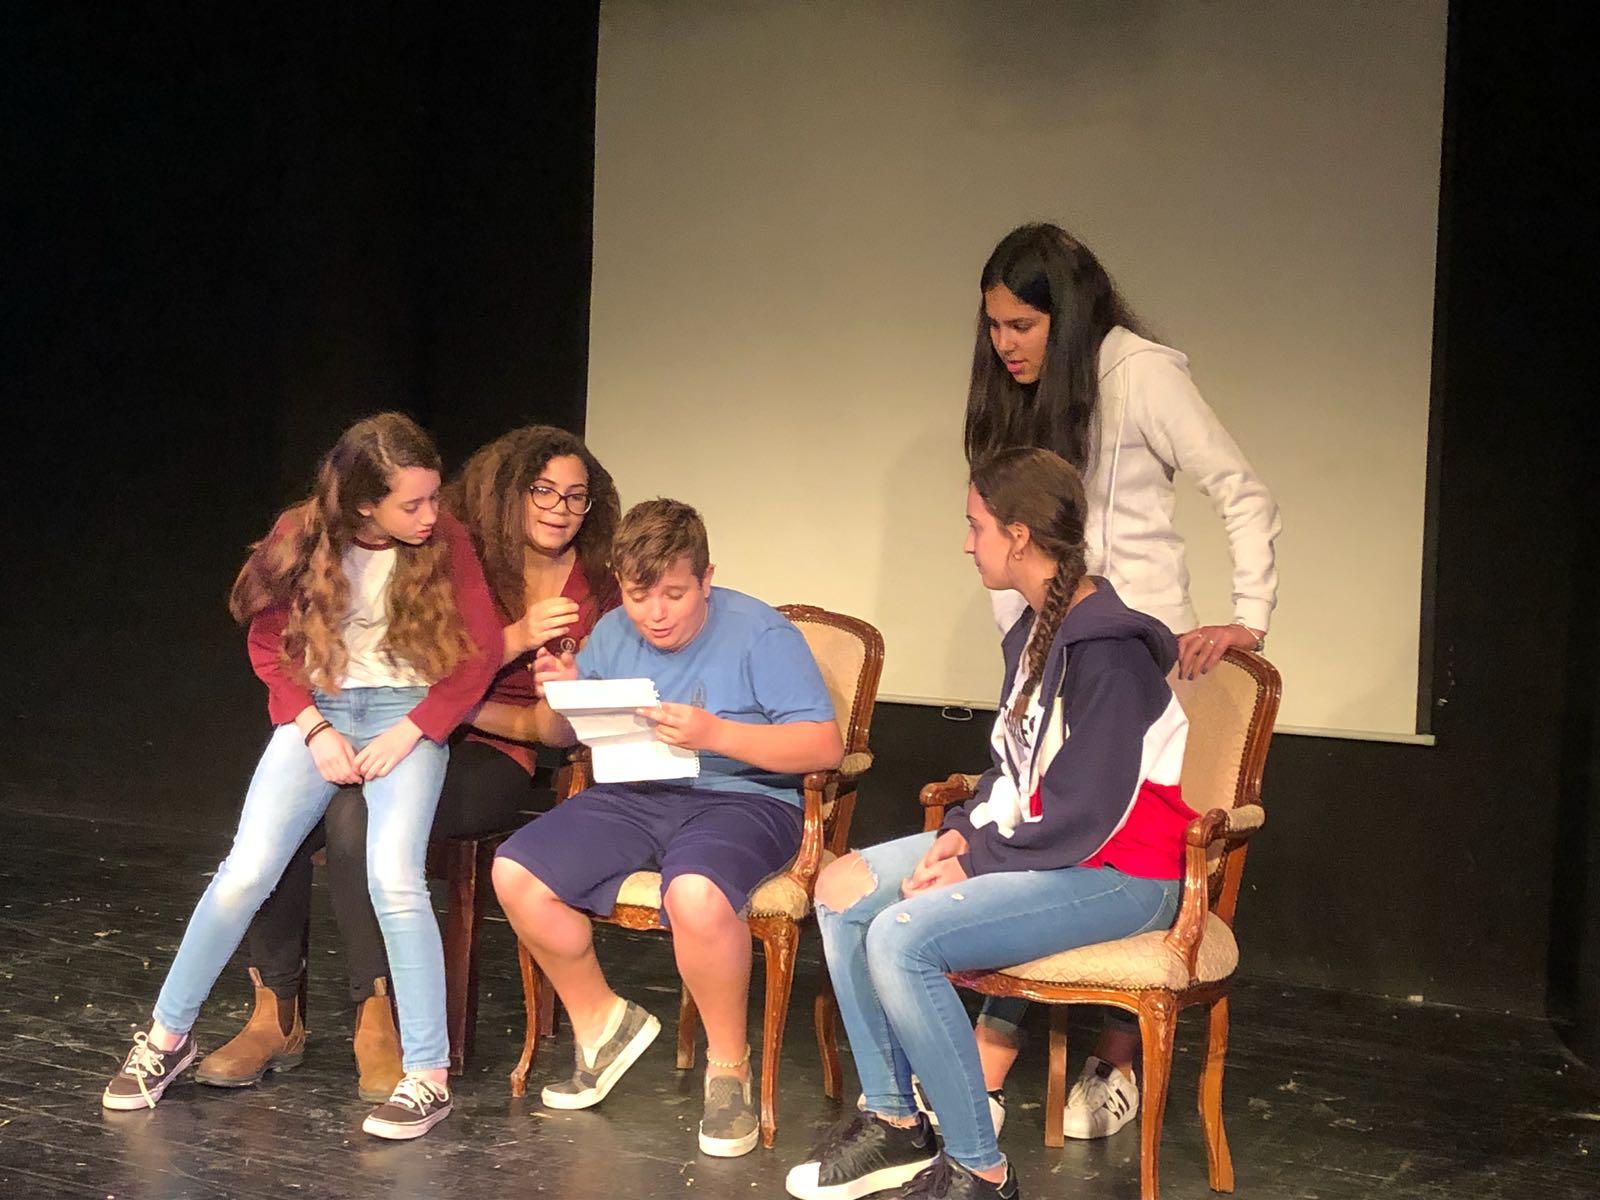 תלמידי תוכנית אמנות בתרגיל משחק